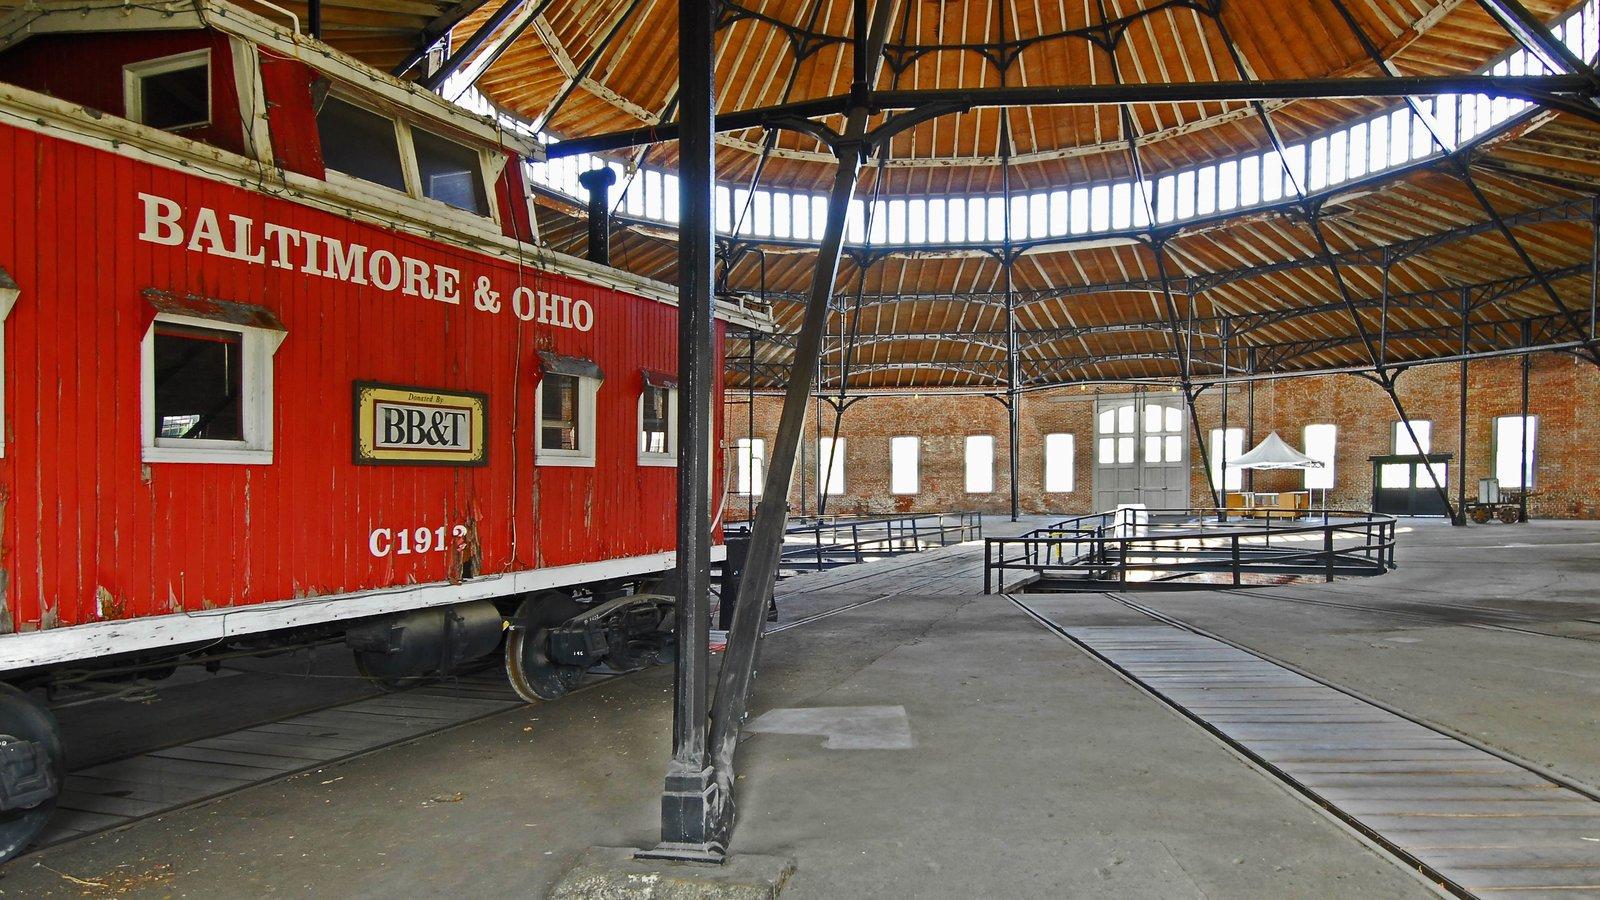 Martinsburg que incluye elementos del patrimonio, vistas interiores y artículos de ferrocarril